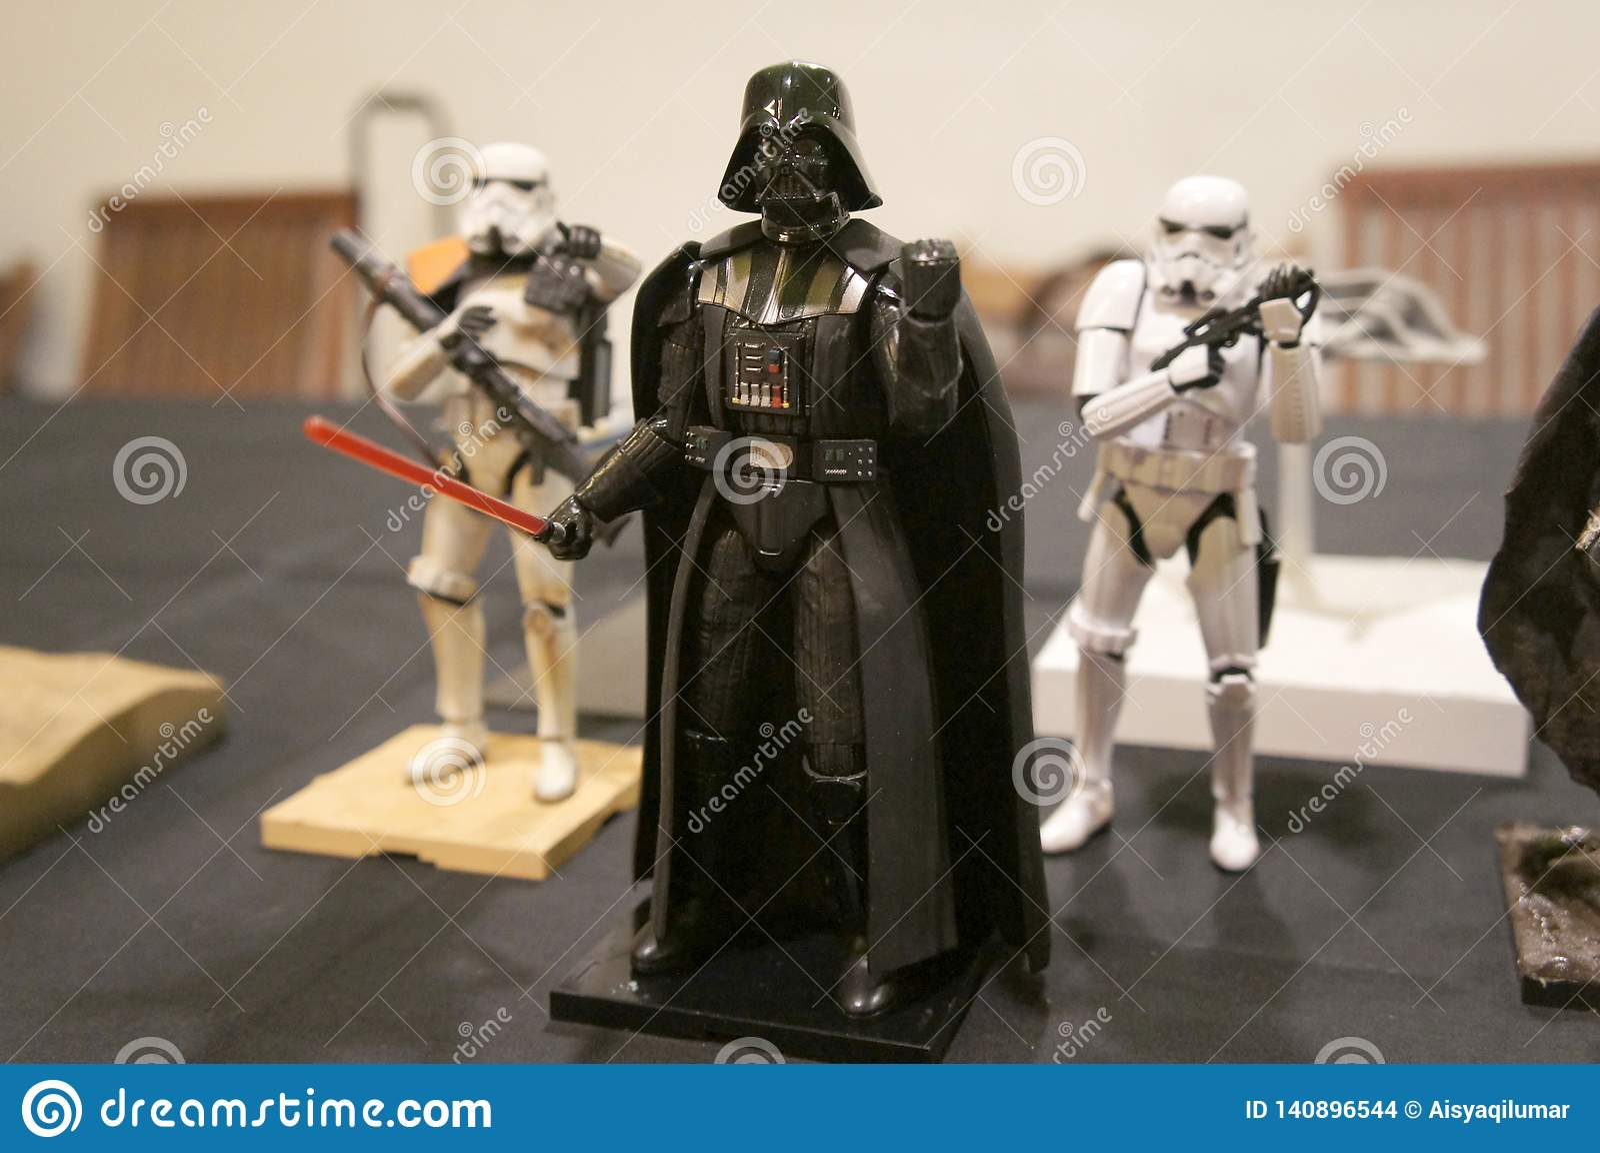 Powieściowego charakteru akcji postacie Darth Vader od Star Wars przywileju filmów